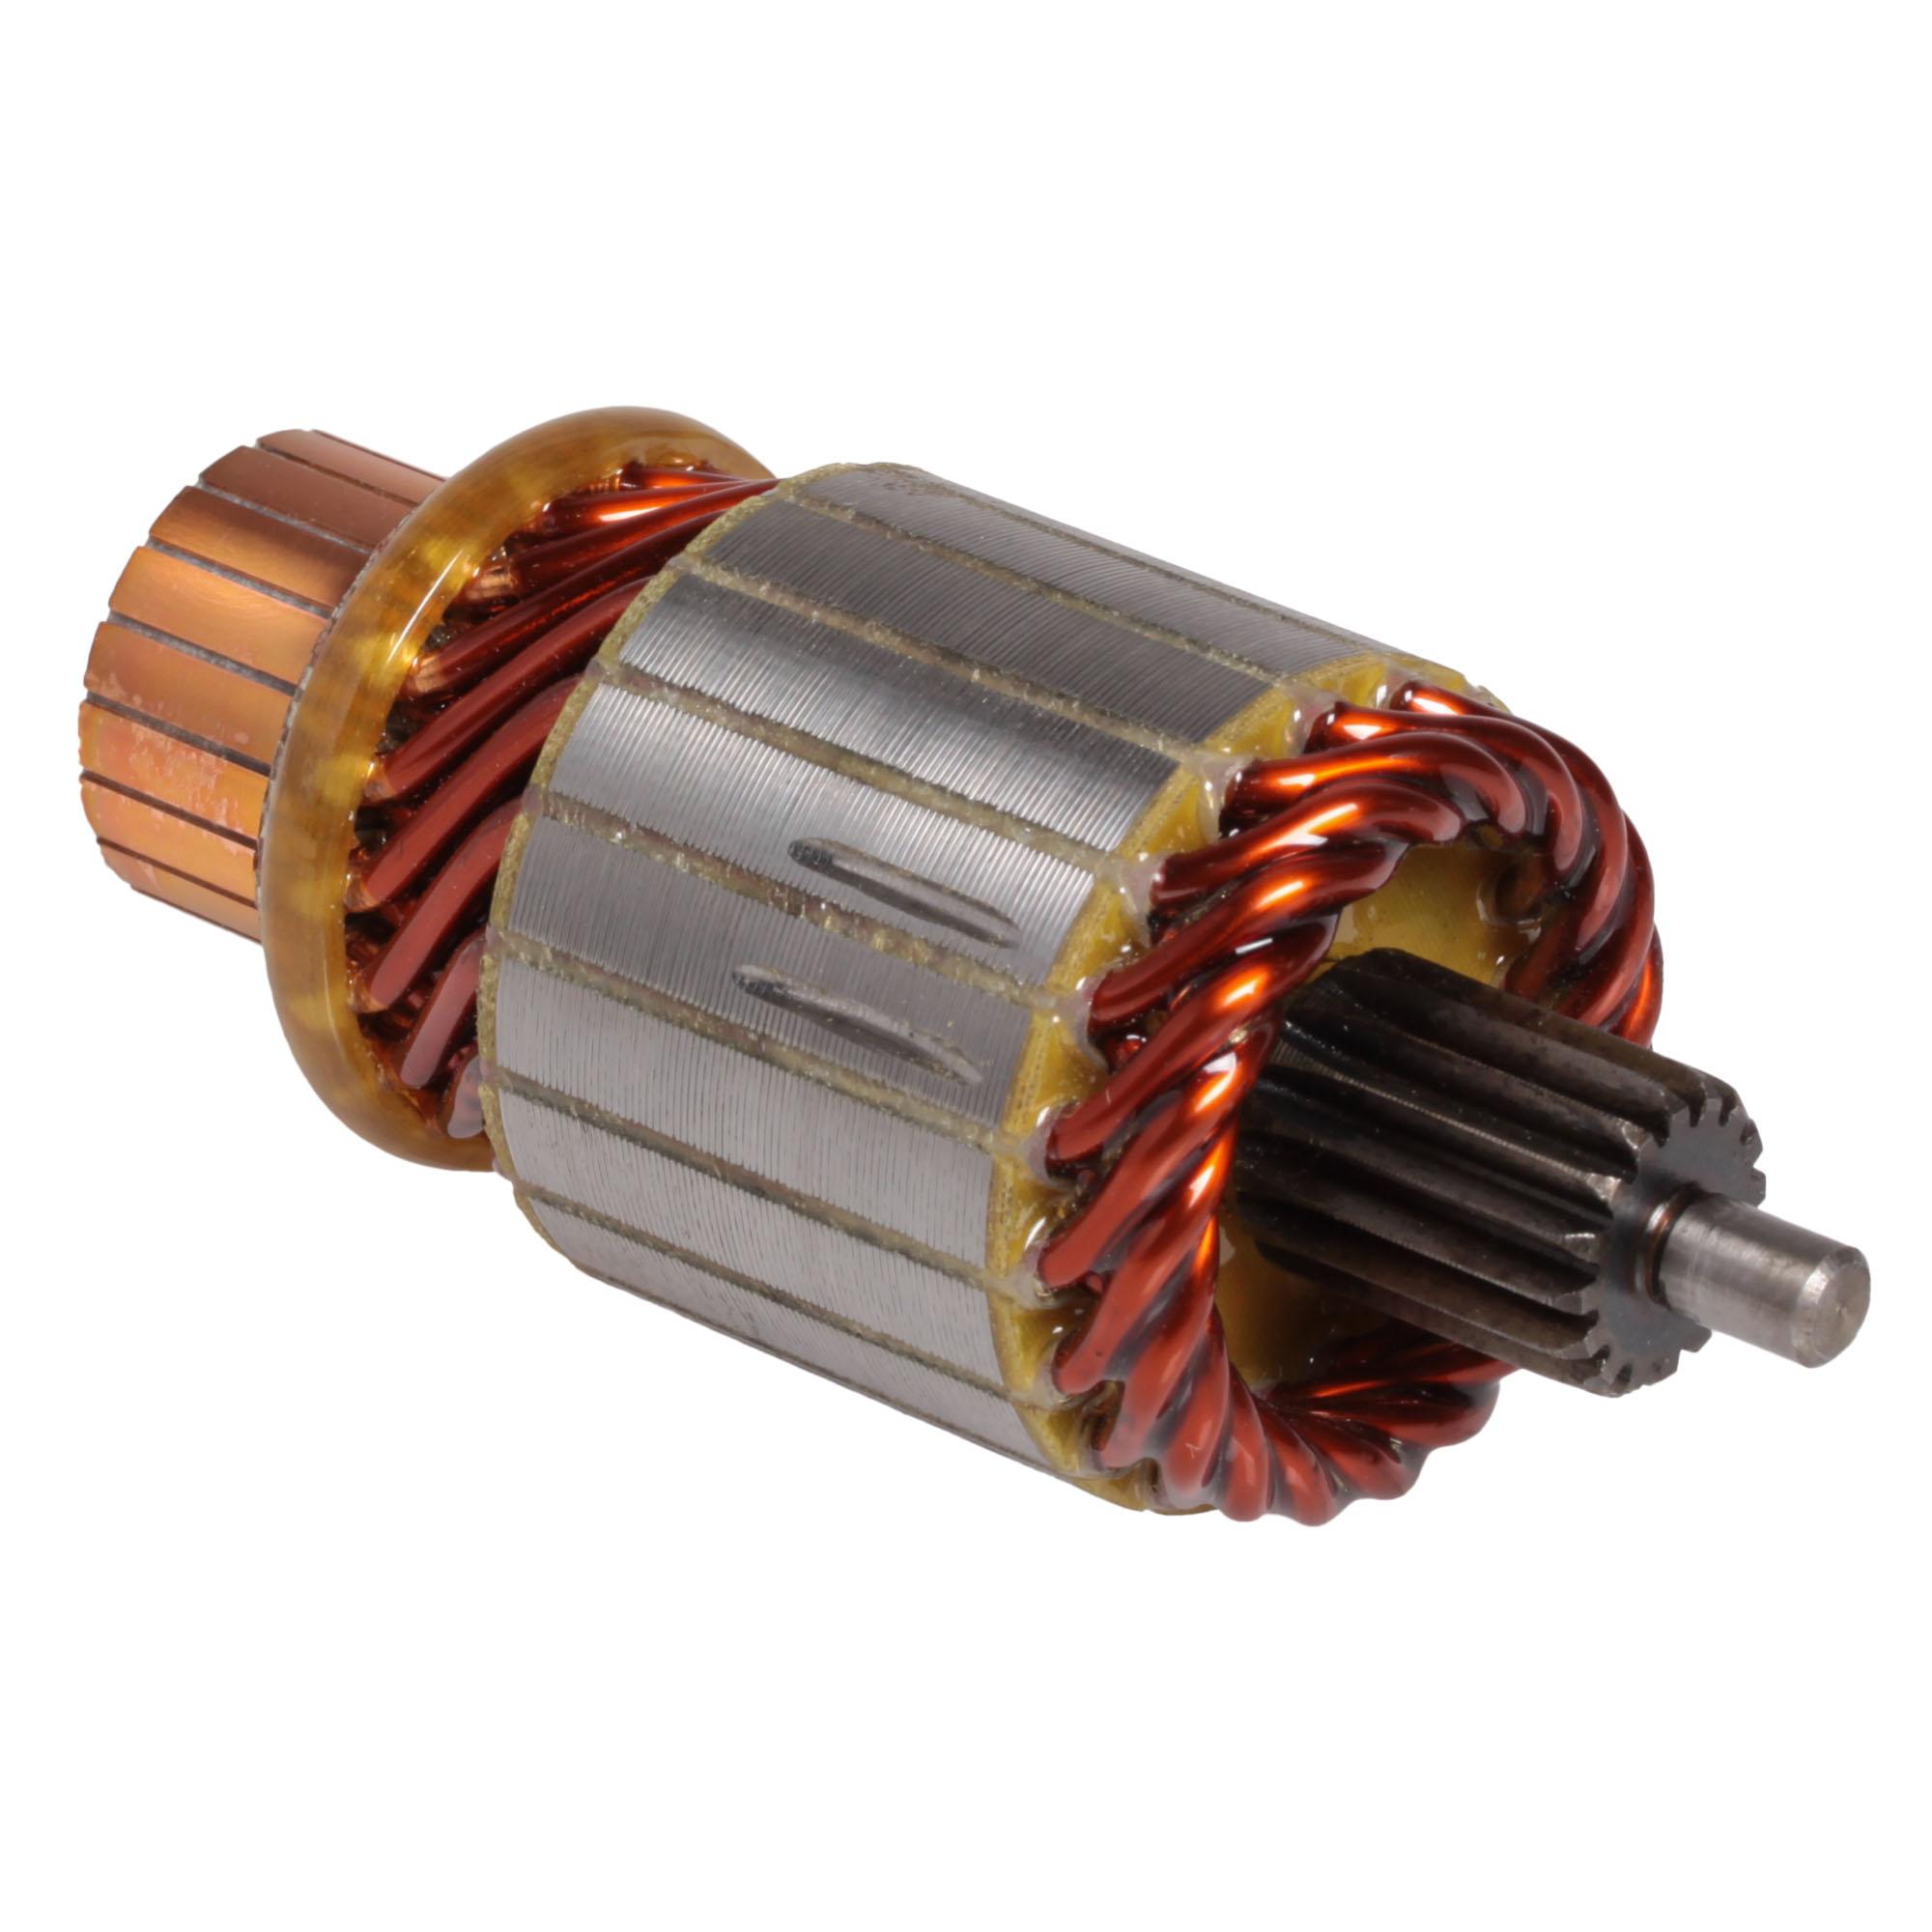 Ротор стартера для автомобилей ГАЗ/УАЗ (тип STARTVOLT)